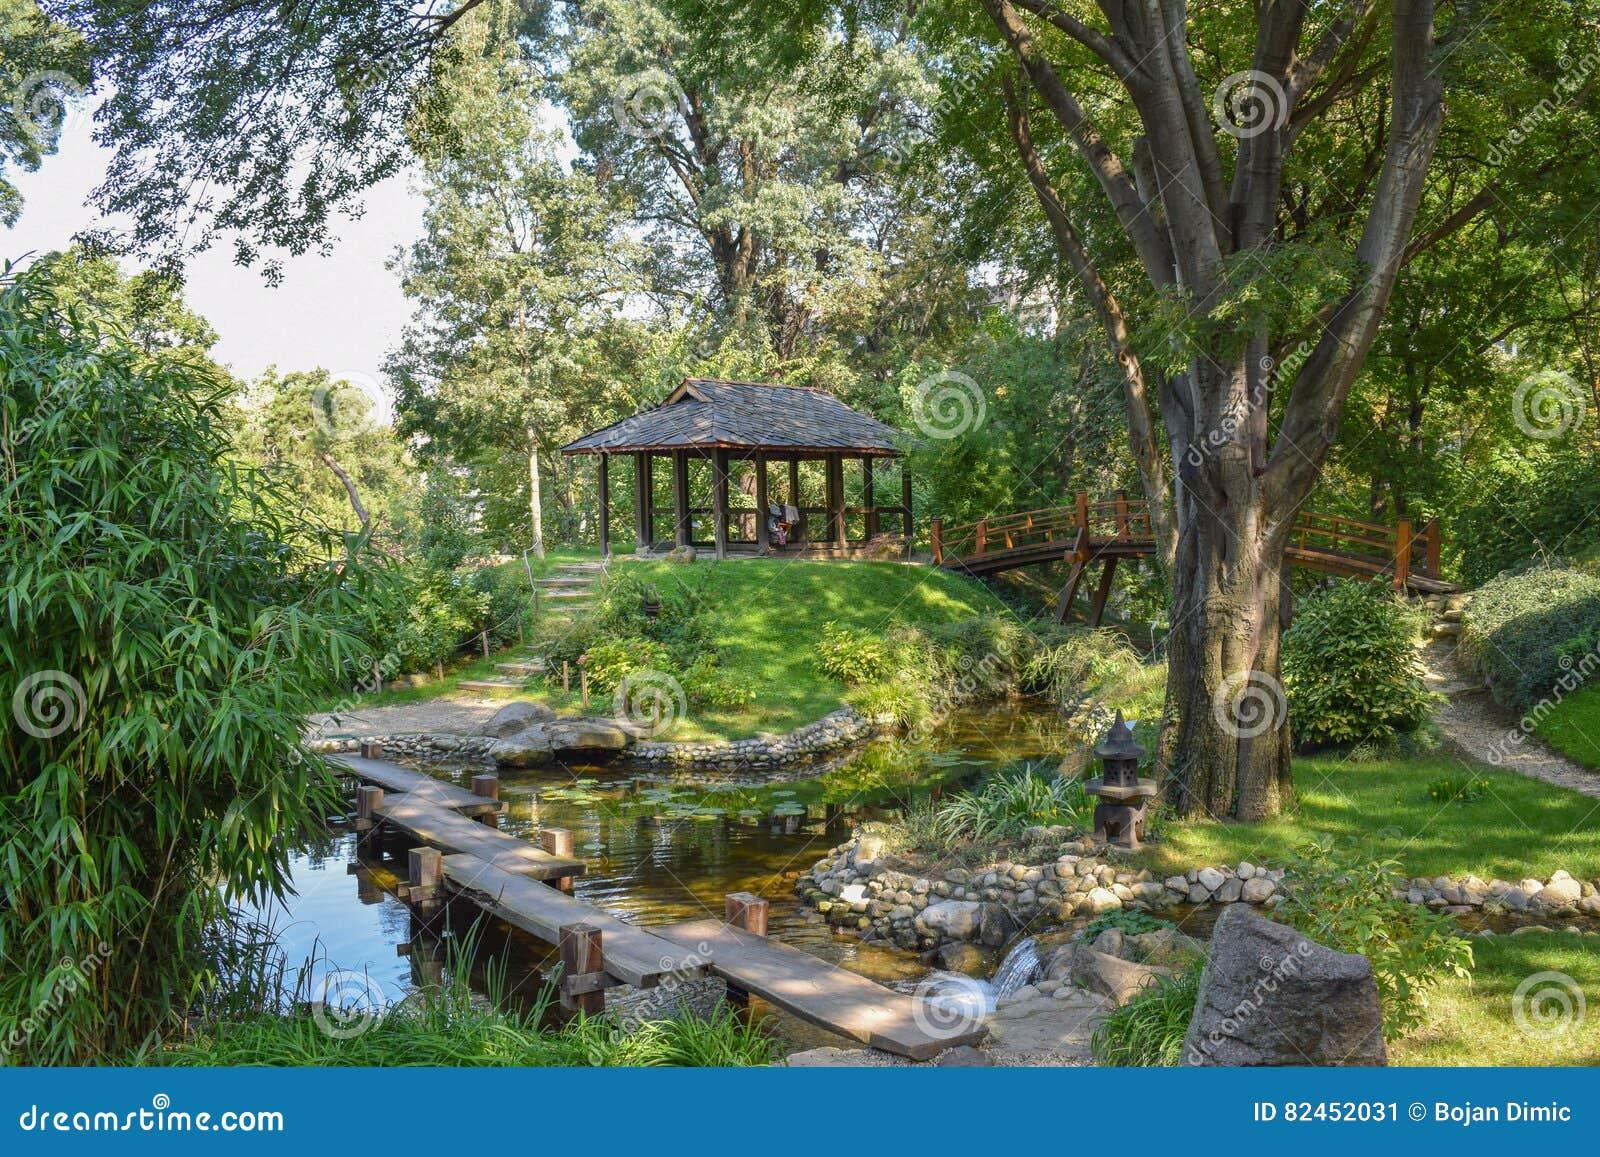 Ruhiger Und Romantischer Japanischer Garten Mit Schönem Teich Und ...